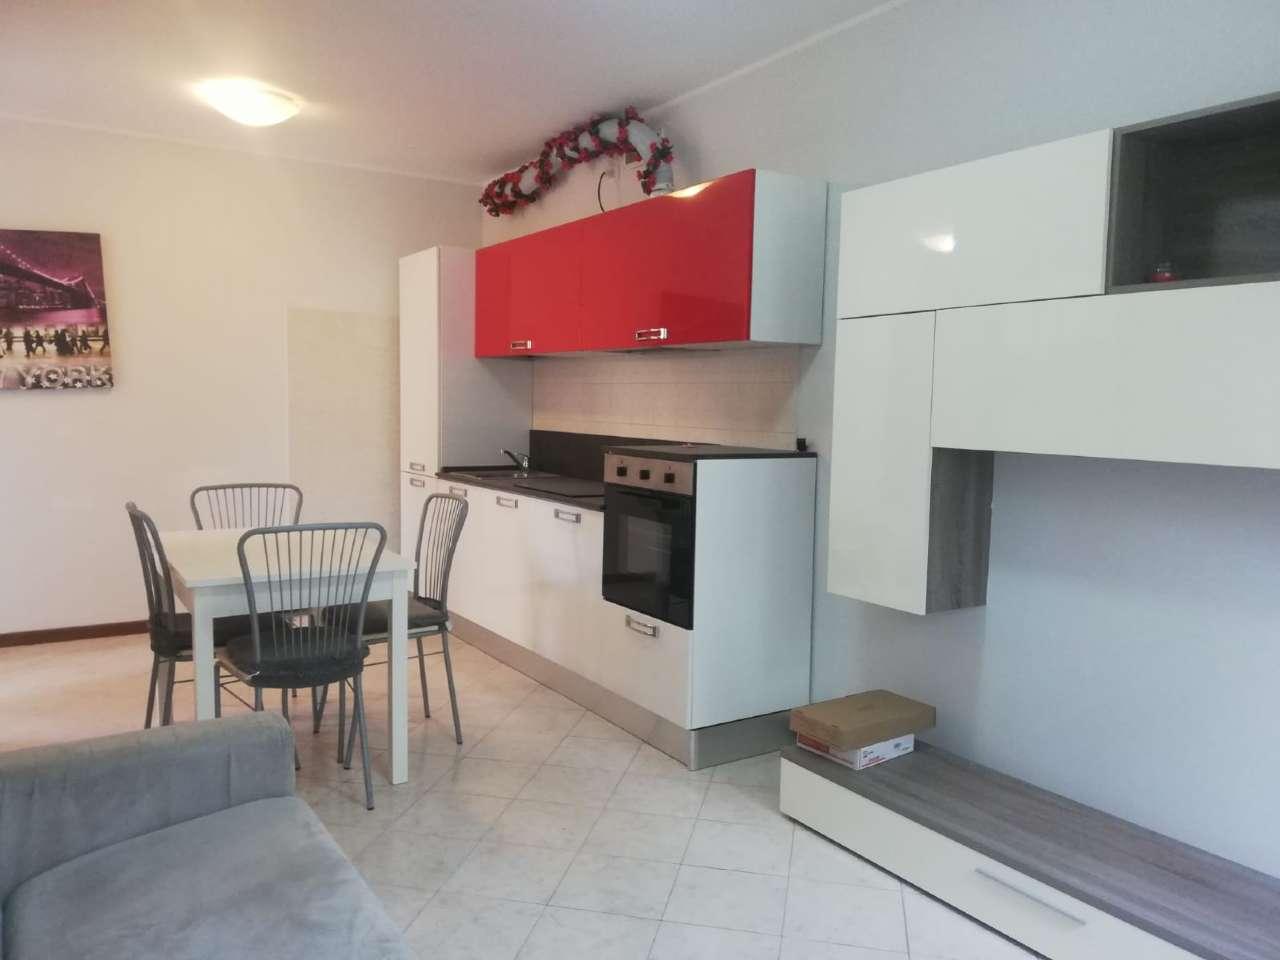 Appartamento in vendita a Castellanza, 1 locali, prezzo € 80.000 | CambioCasa.it